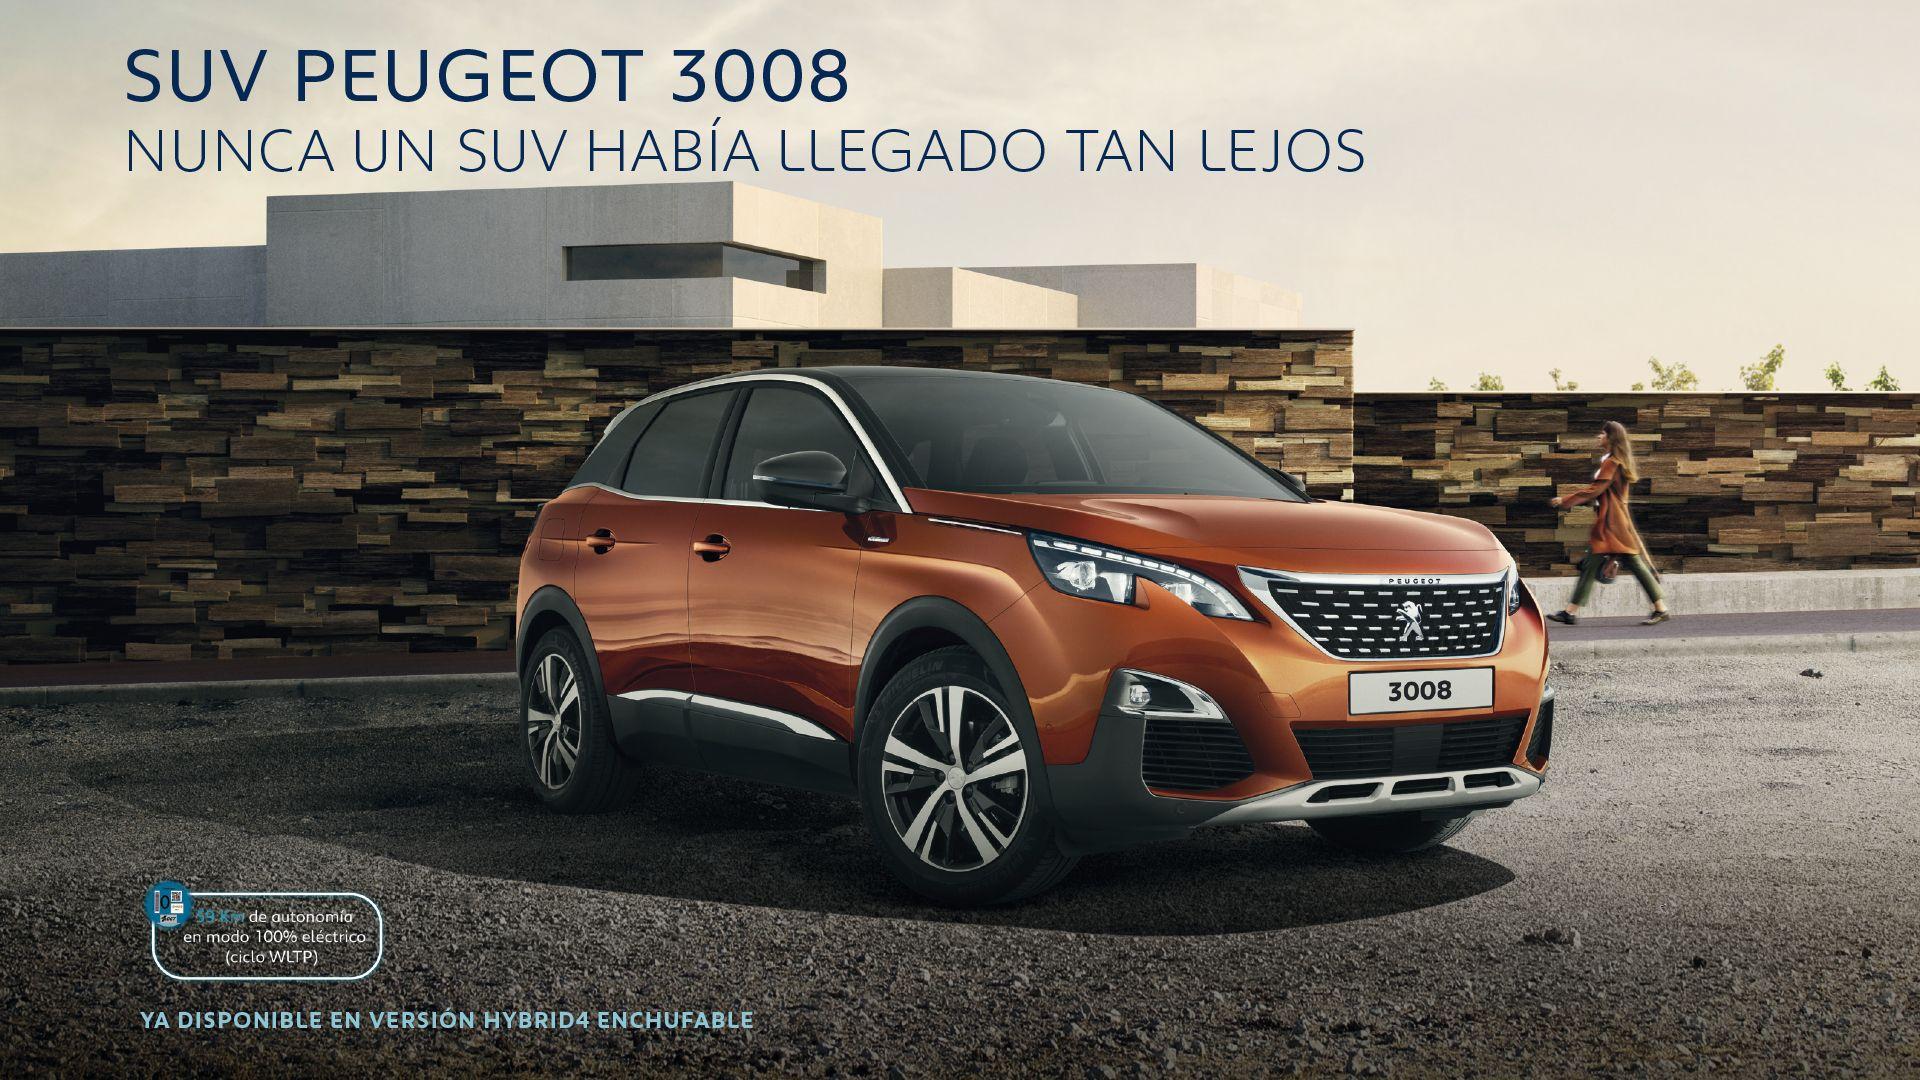 Llévate un SUV Peugeot 3008 por sólo 200€/mes y con un año de SEGURO GRATIS